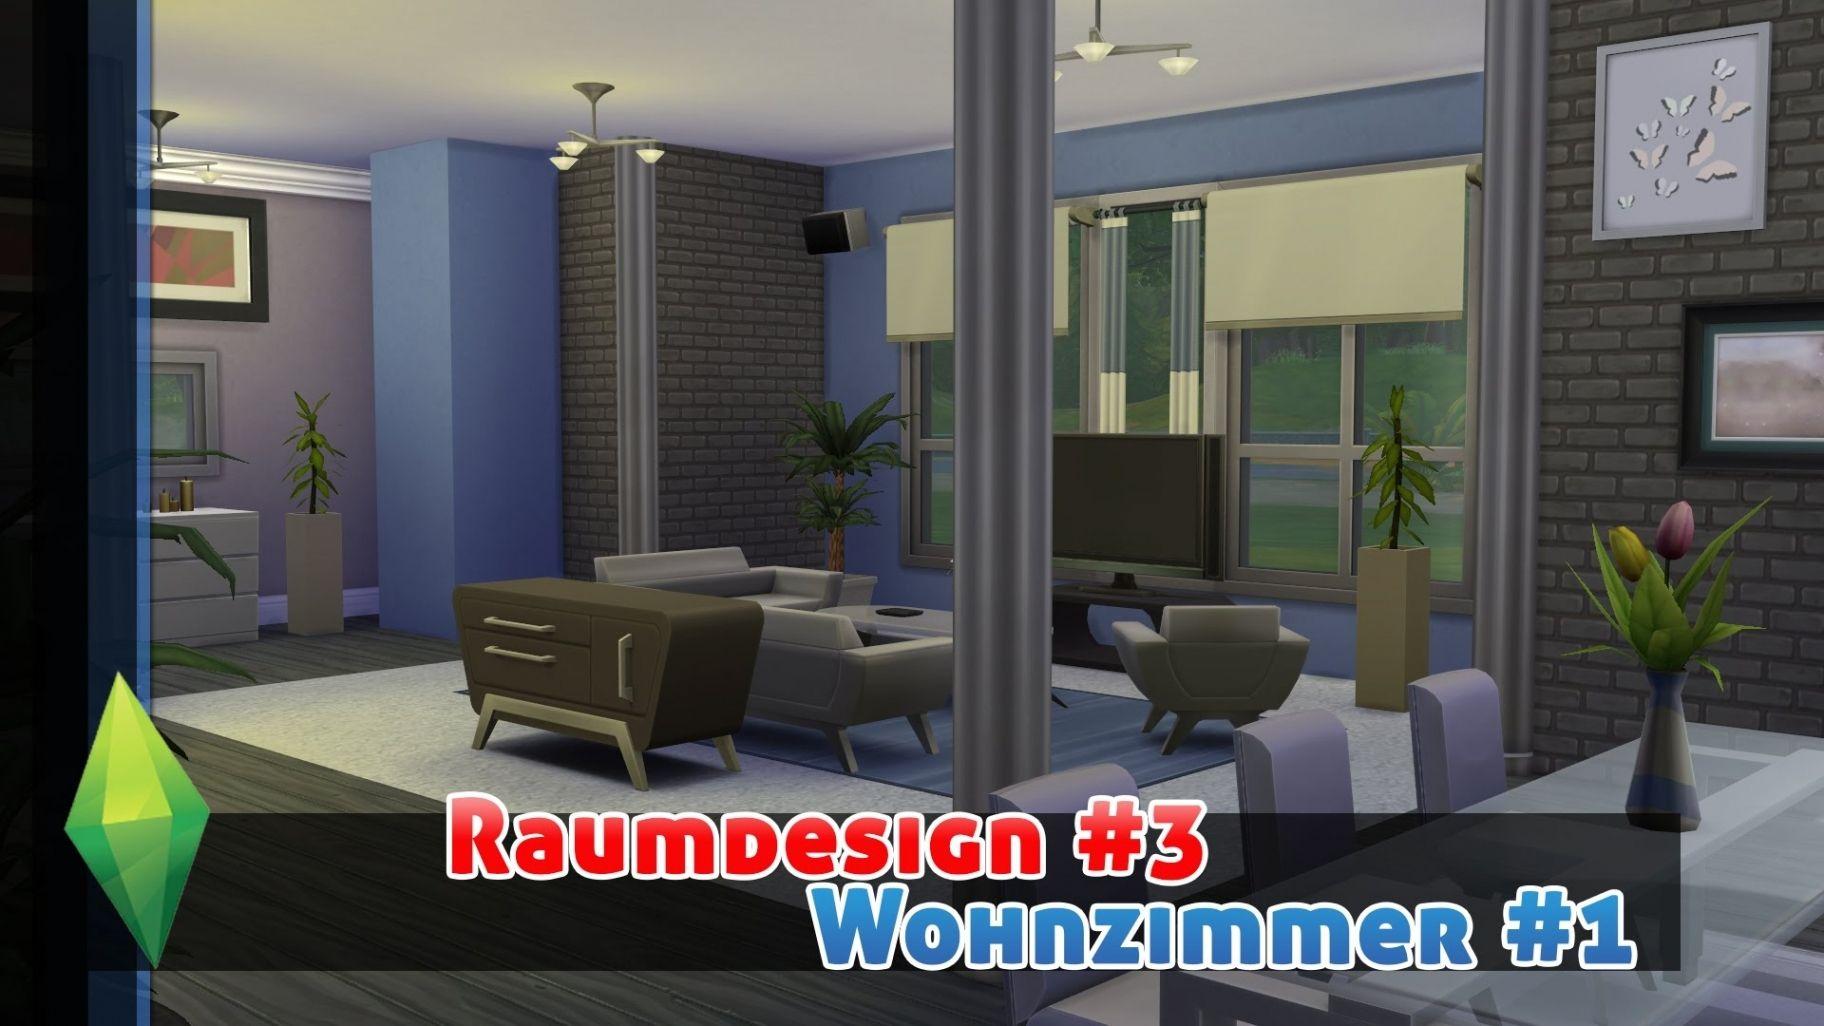 Neueste Sims 4 Wohnzimmer | Wohnzimmer ideen | Small apartments ...